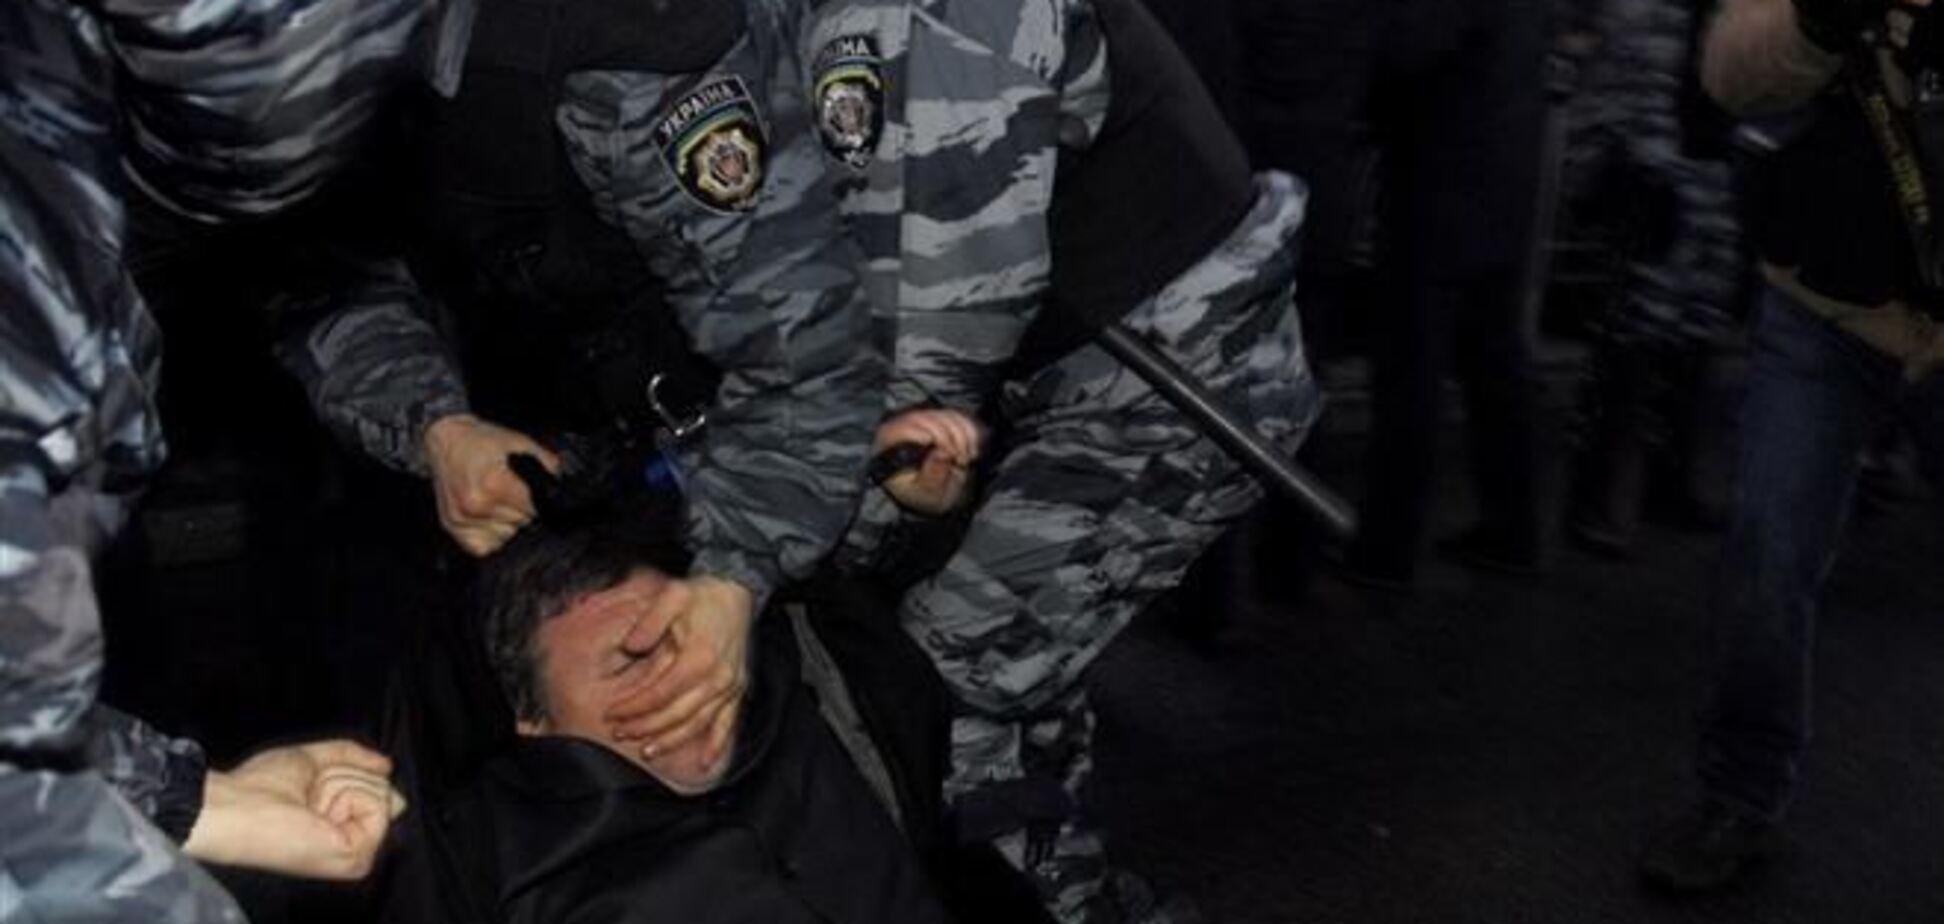 Пшонке передали записи радиообмена 'Беркута' при разгоне Евромайдана